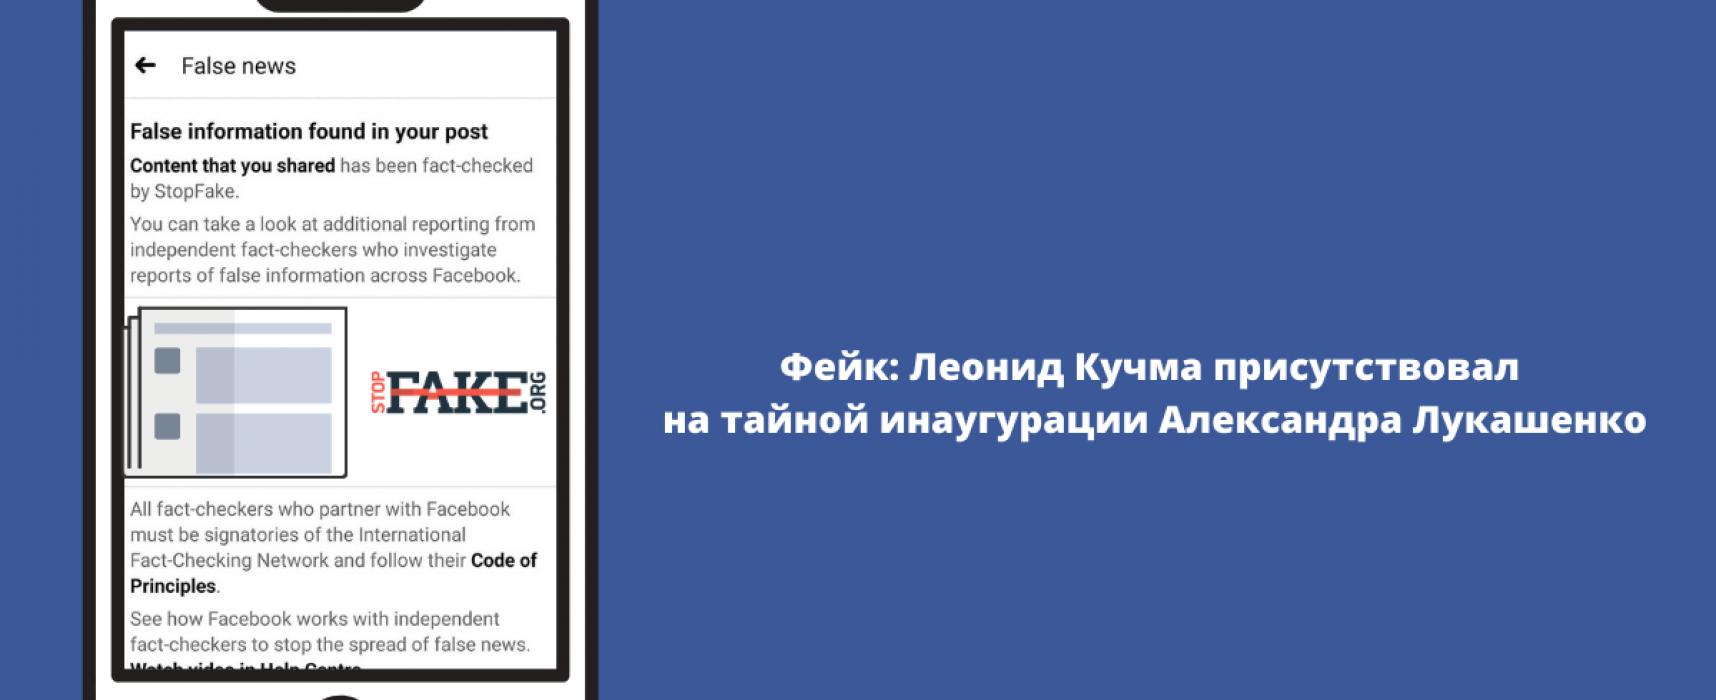 Фейк: Леонид Кучма присутствовал на тайной инаугурации Александра Лукашенко